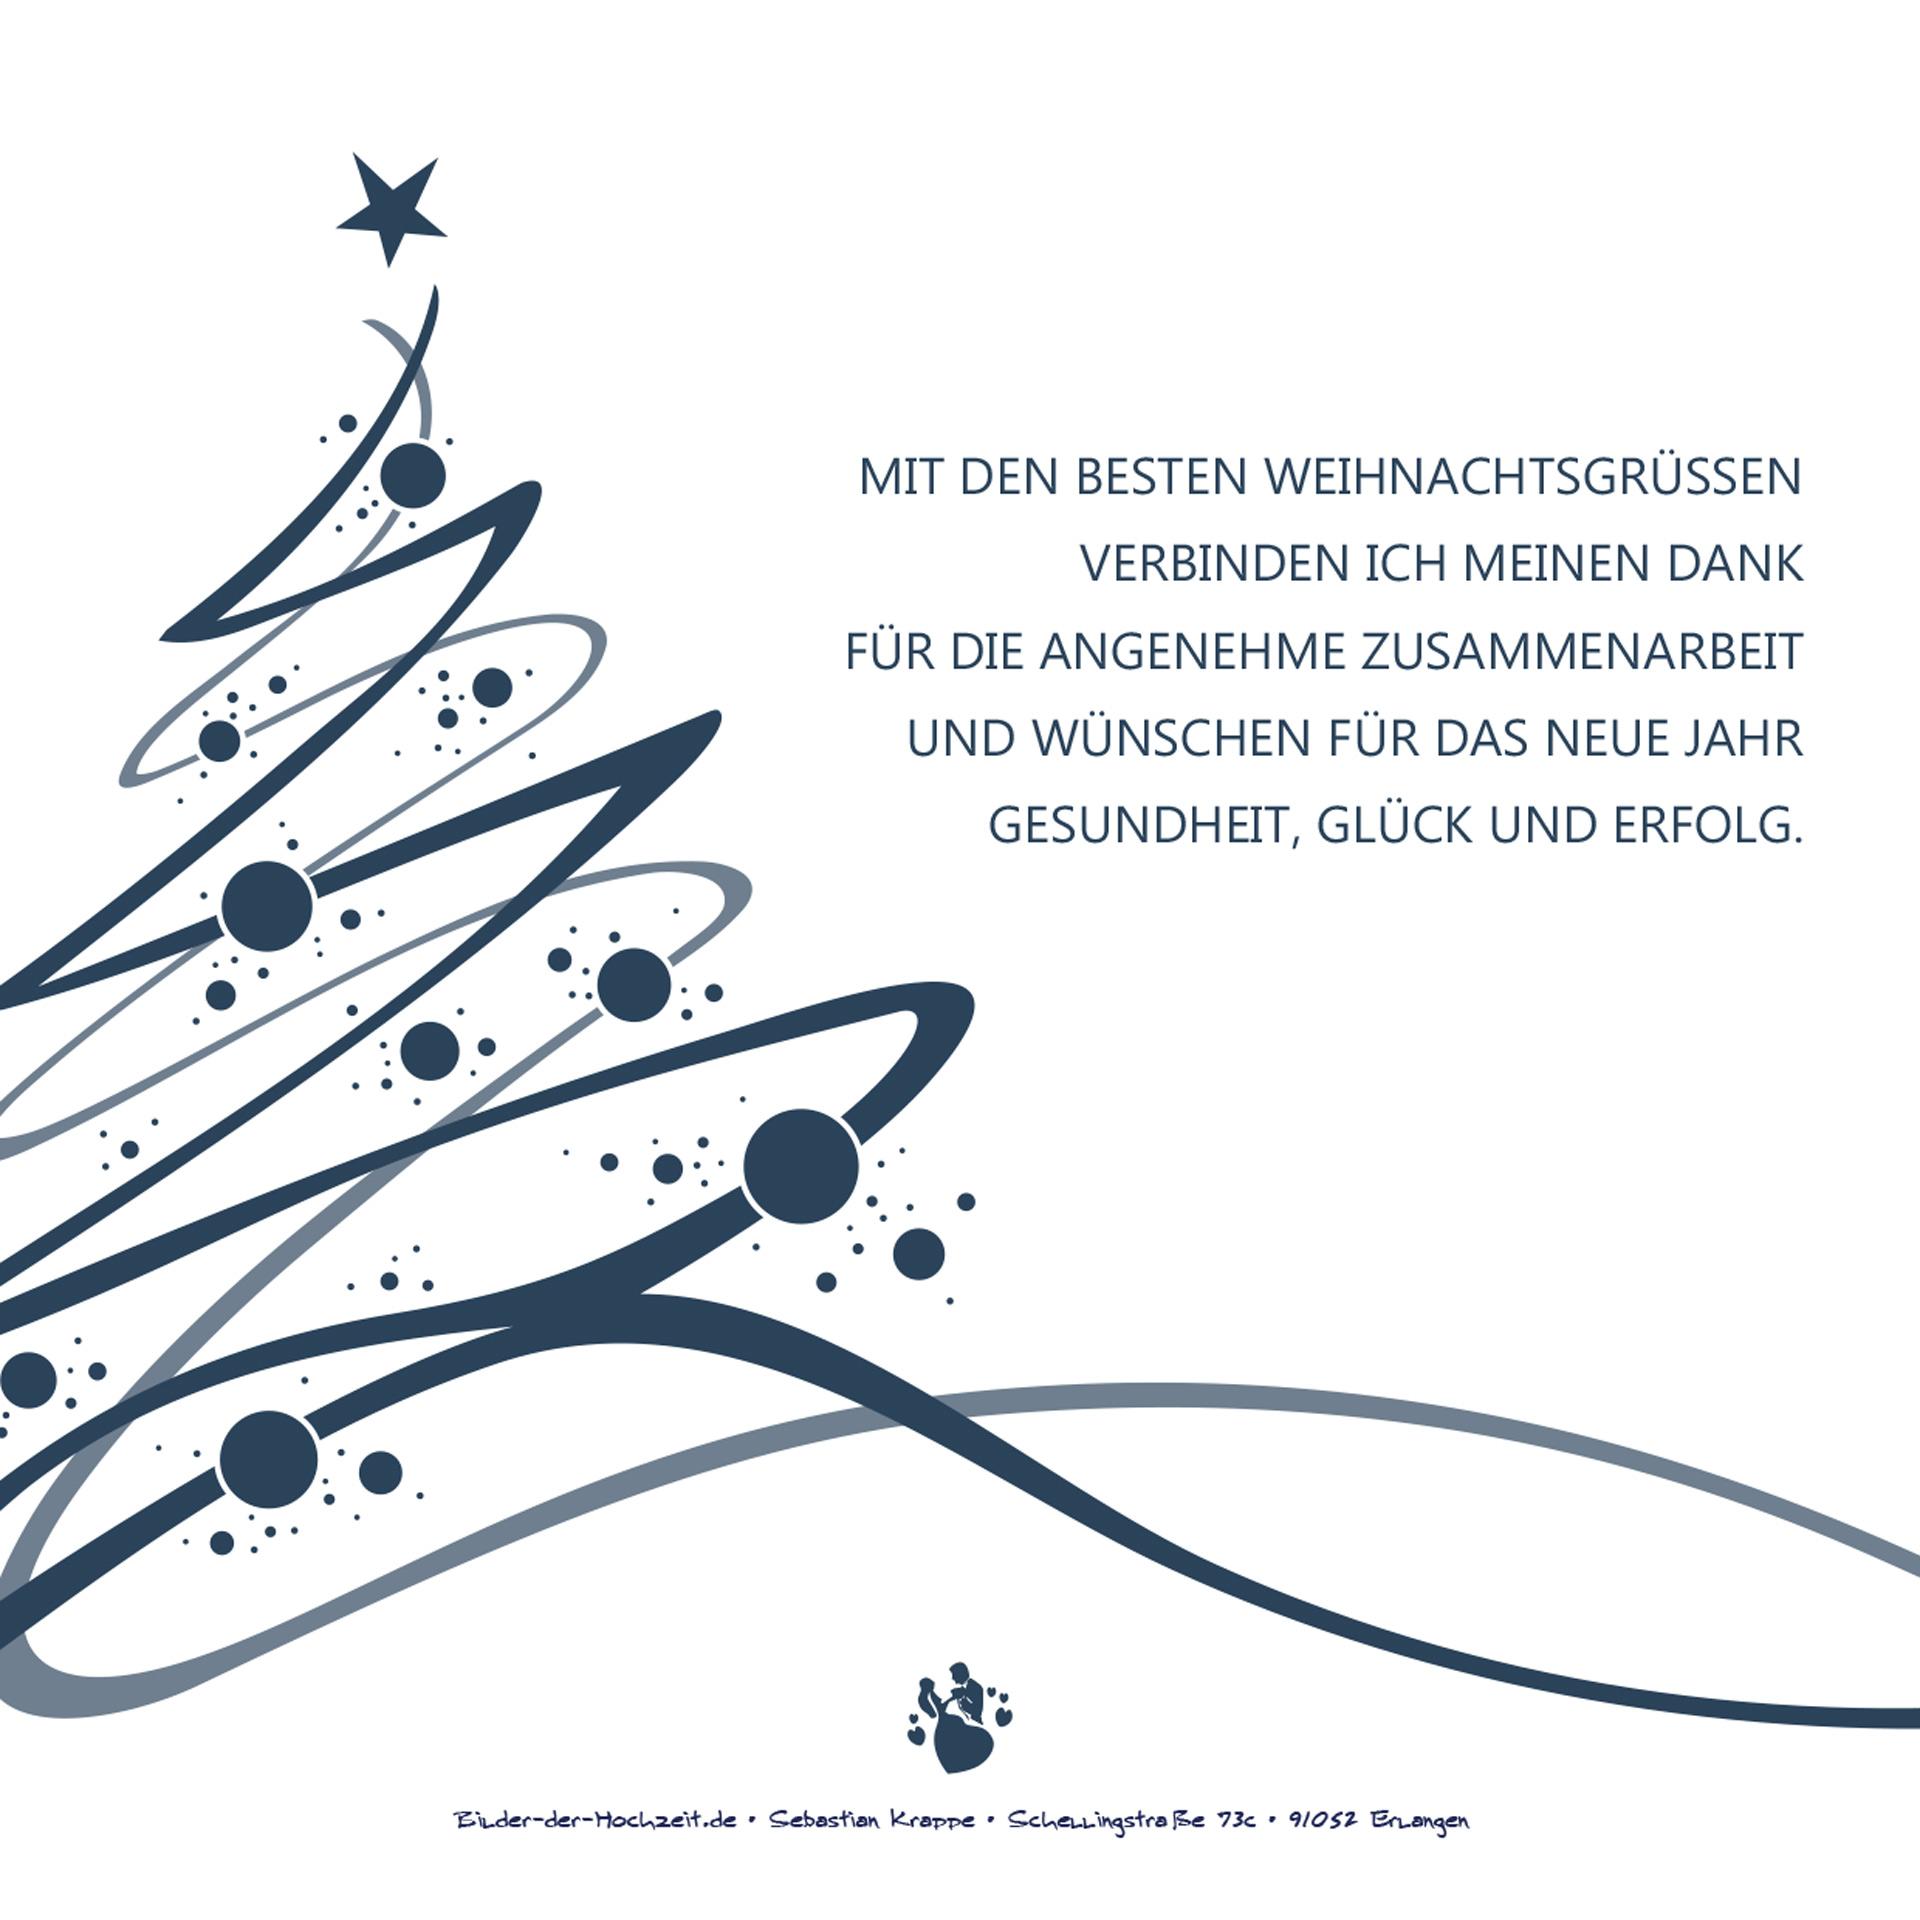 Weihnachtsgruesse_von_sebastian_krappe